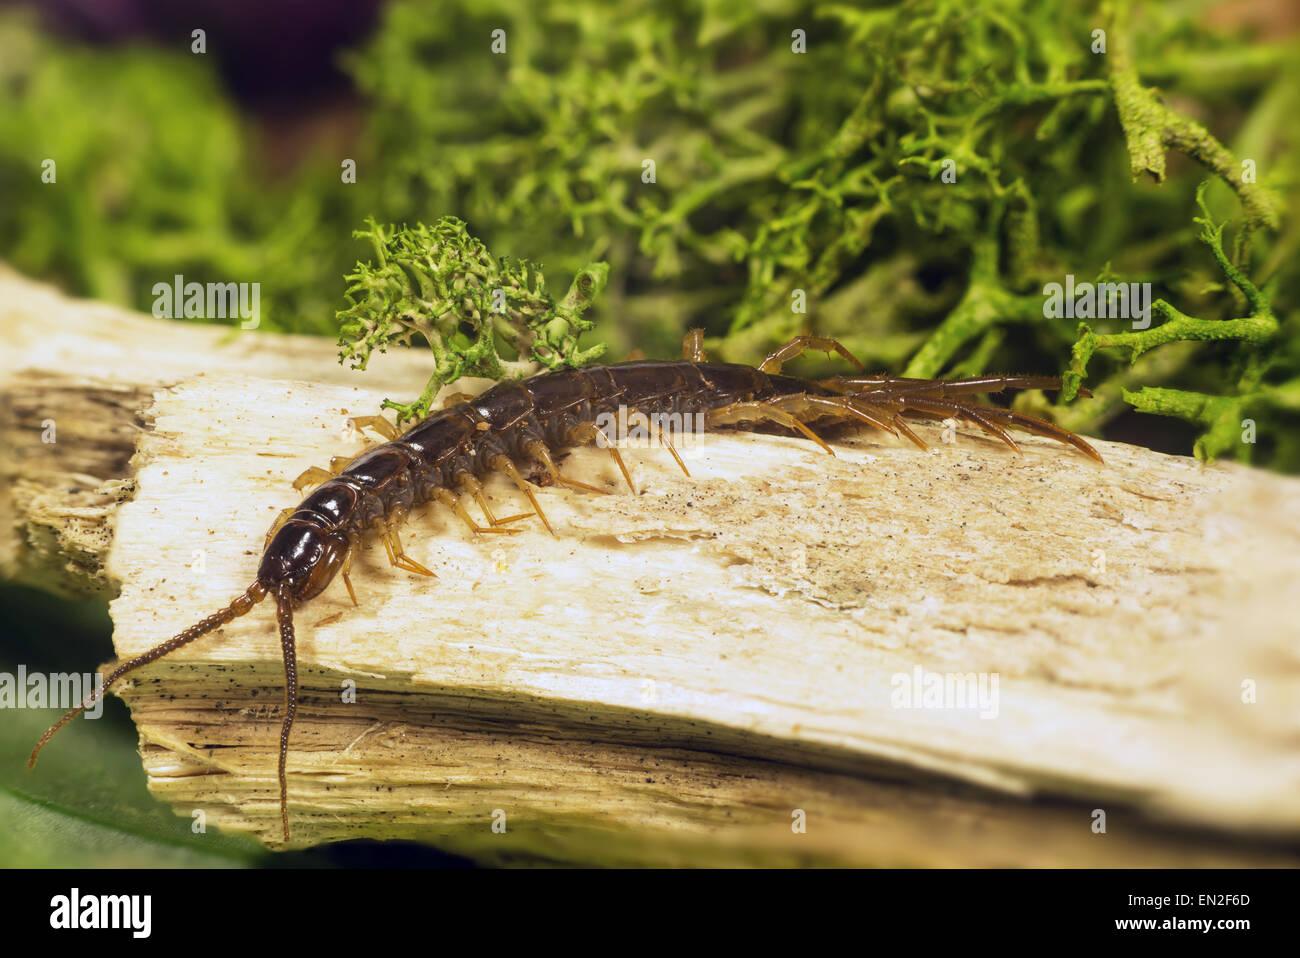 Arthropoden, gehören zur Klasse der Chilopoda Subtyp Tausendfüßern Stockbild